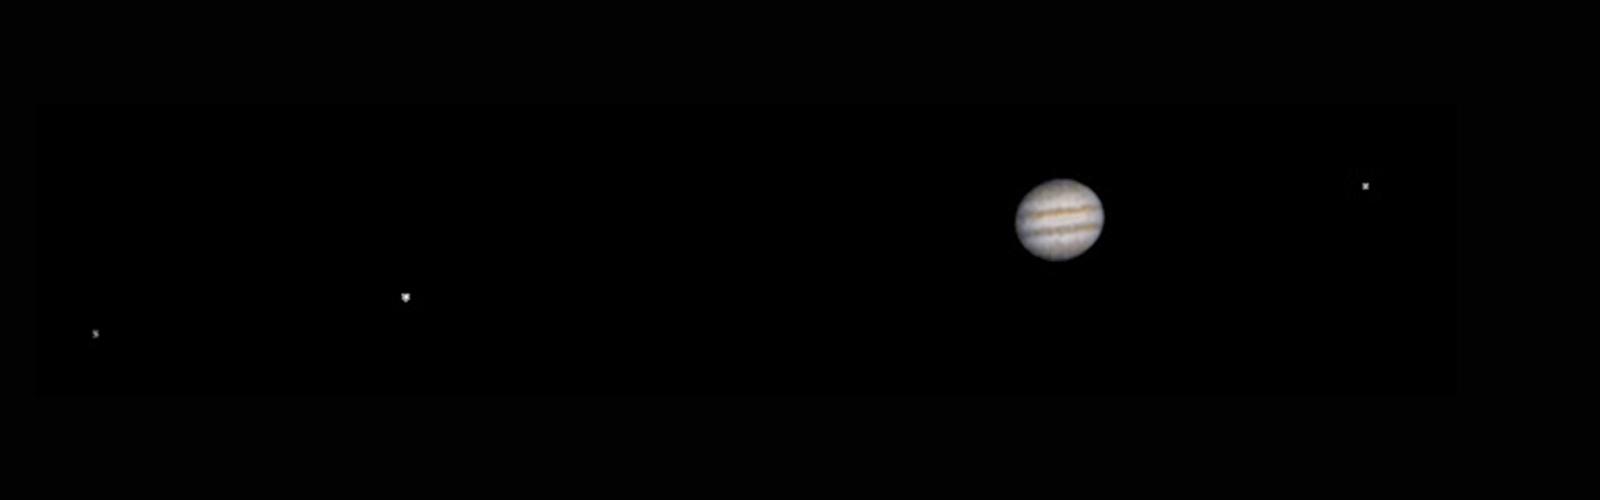 Overview | Jupiter Moons – Solar System Exploration: NASA ...